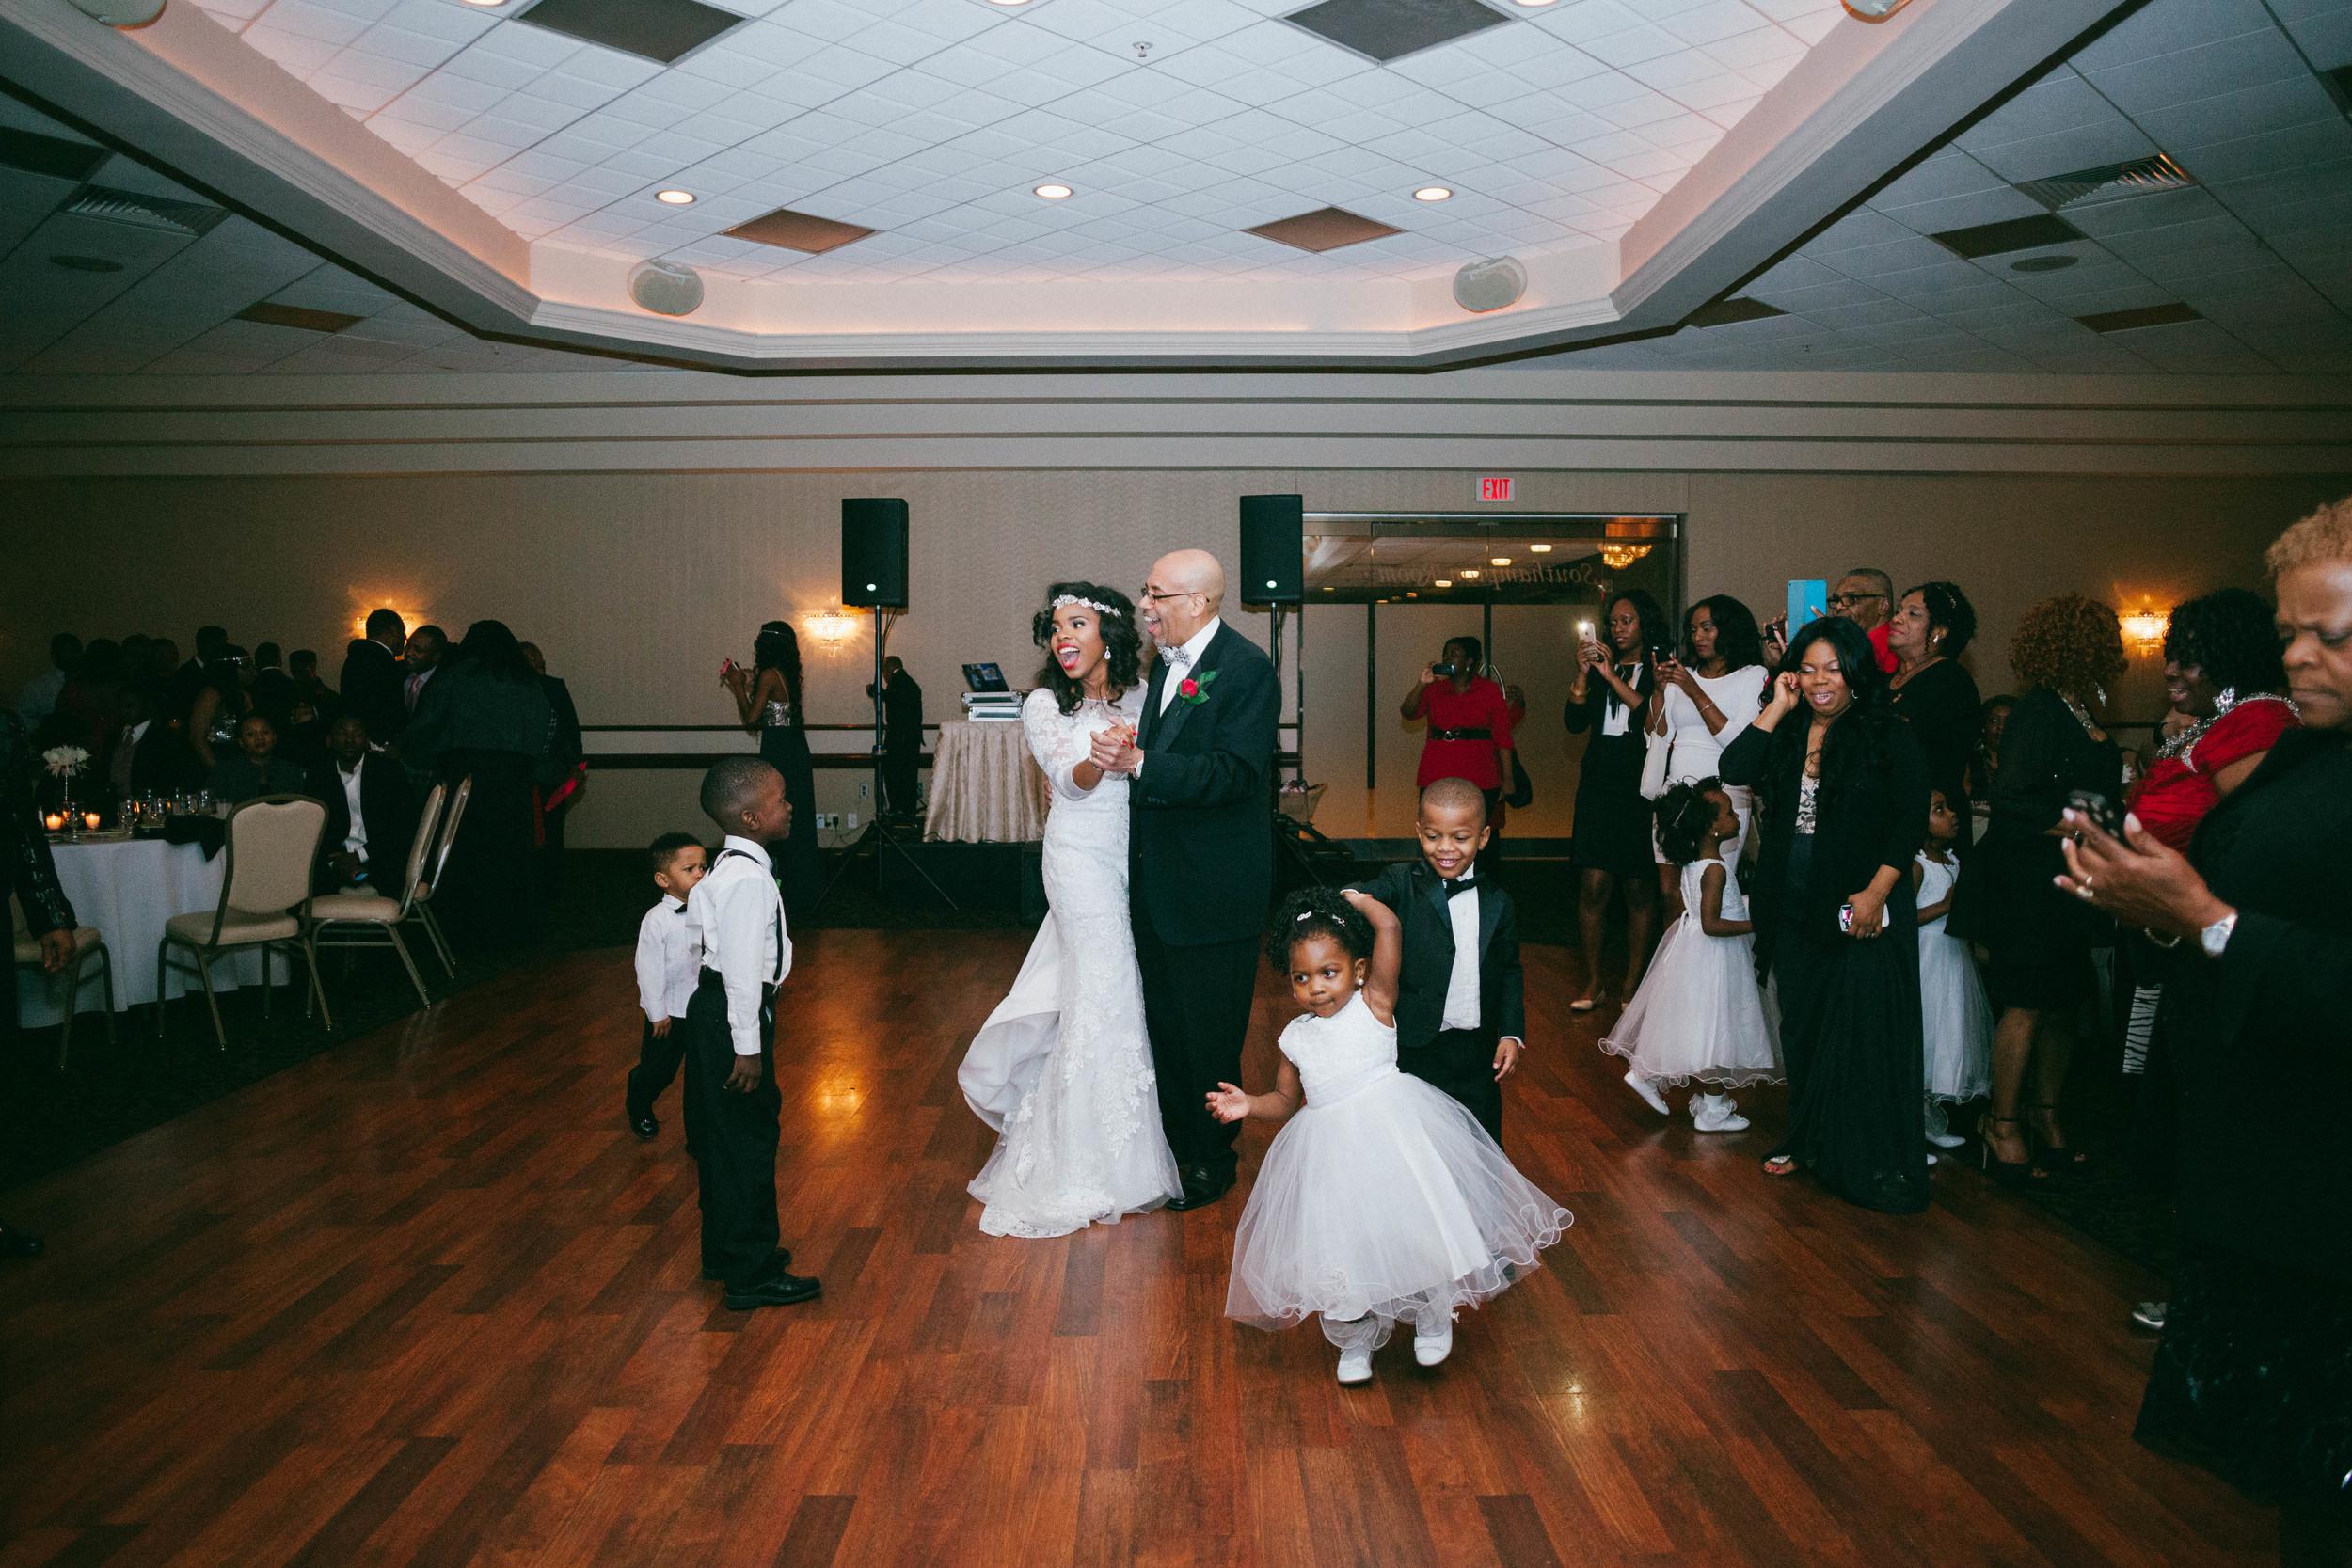 kj_wedding-288.jpg